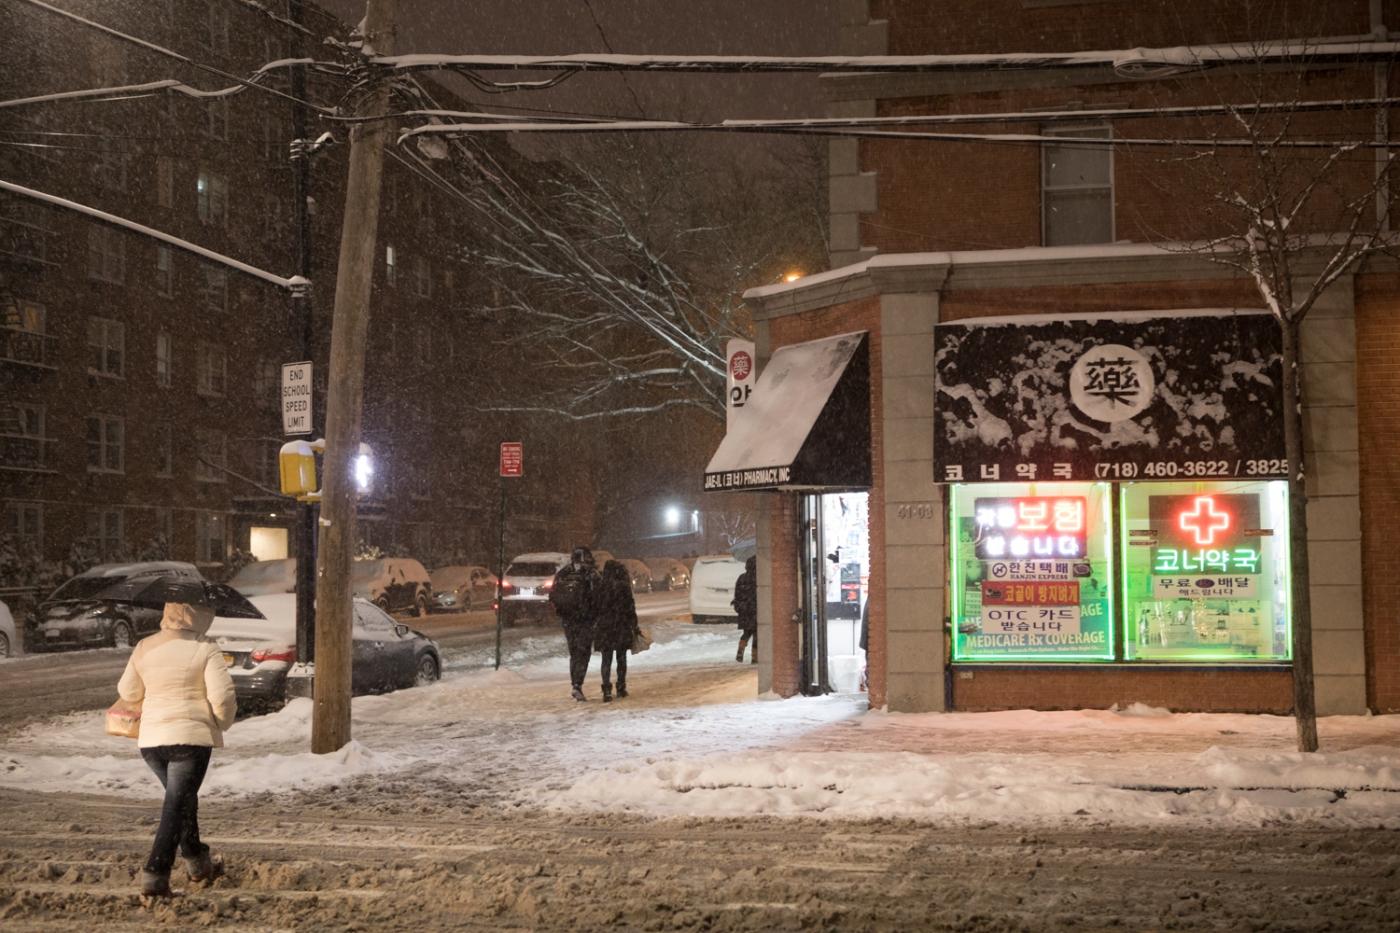 紐約: 風雪法拉盛 190107_图1-47